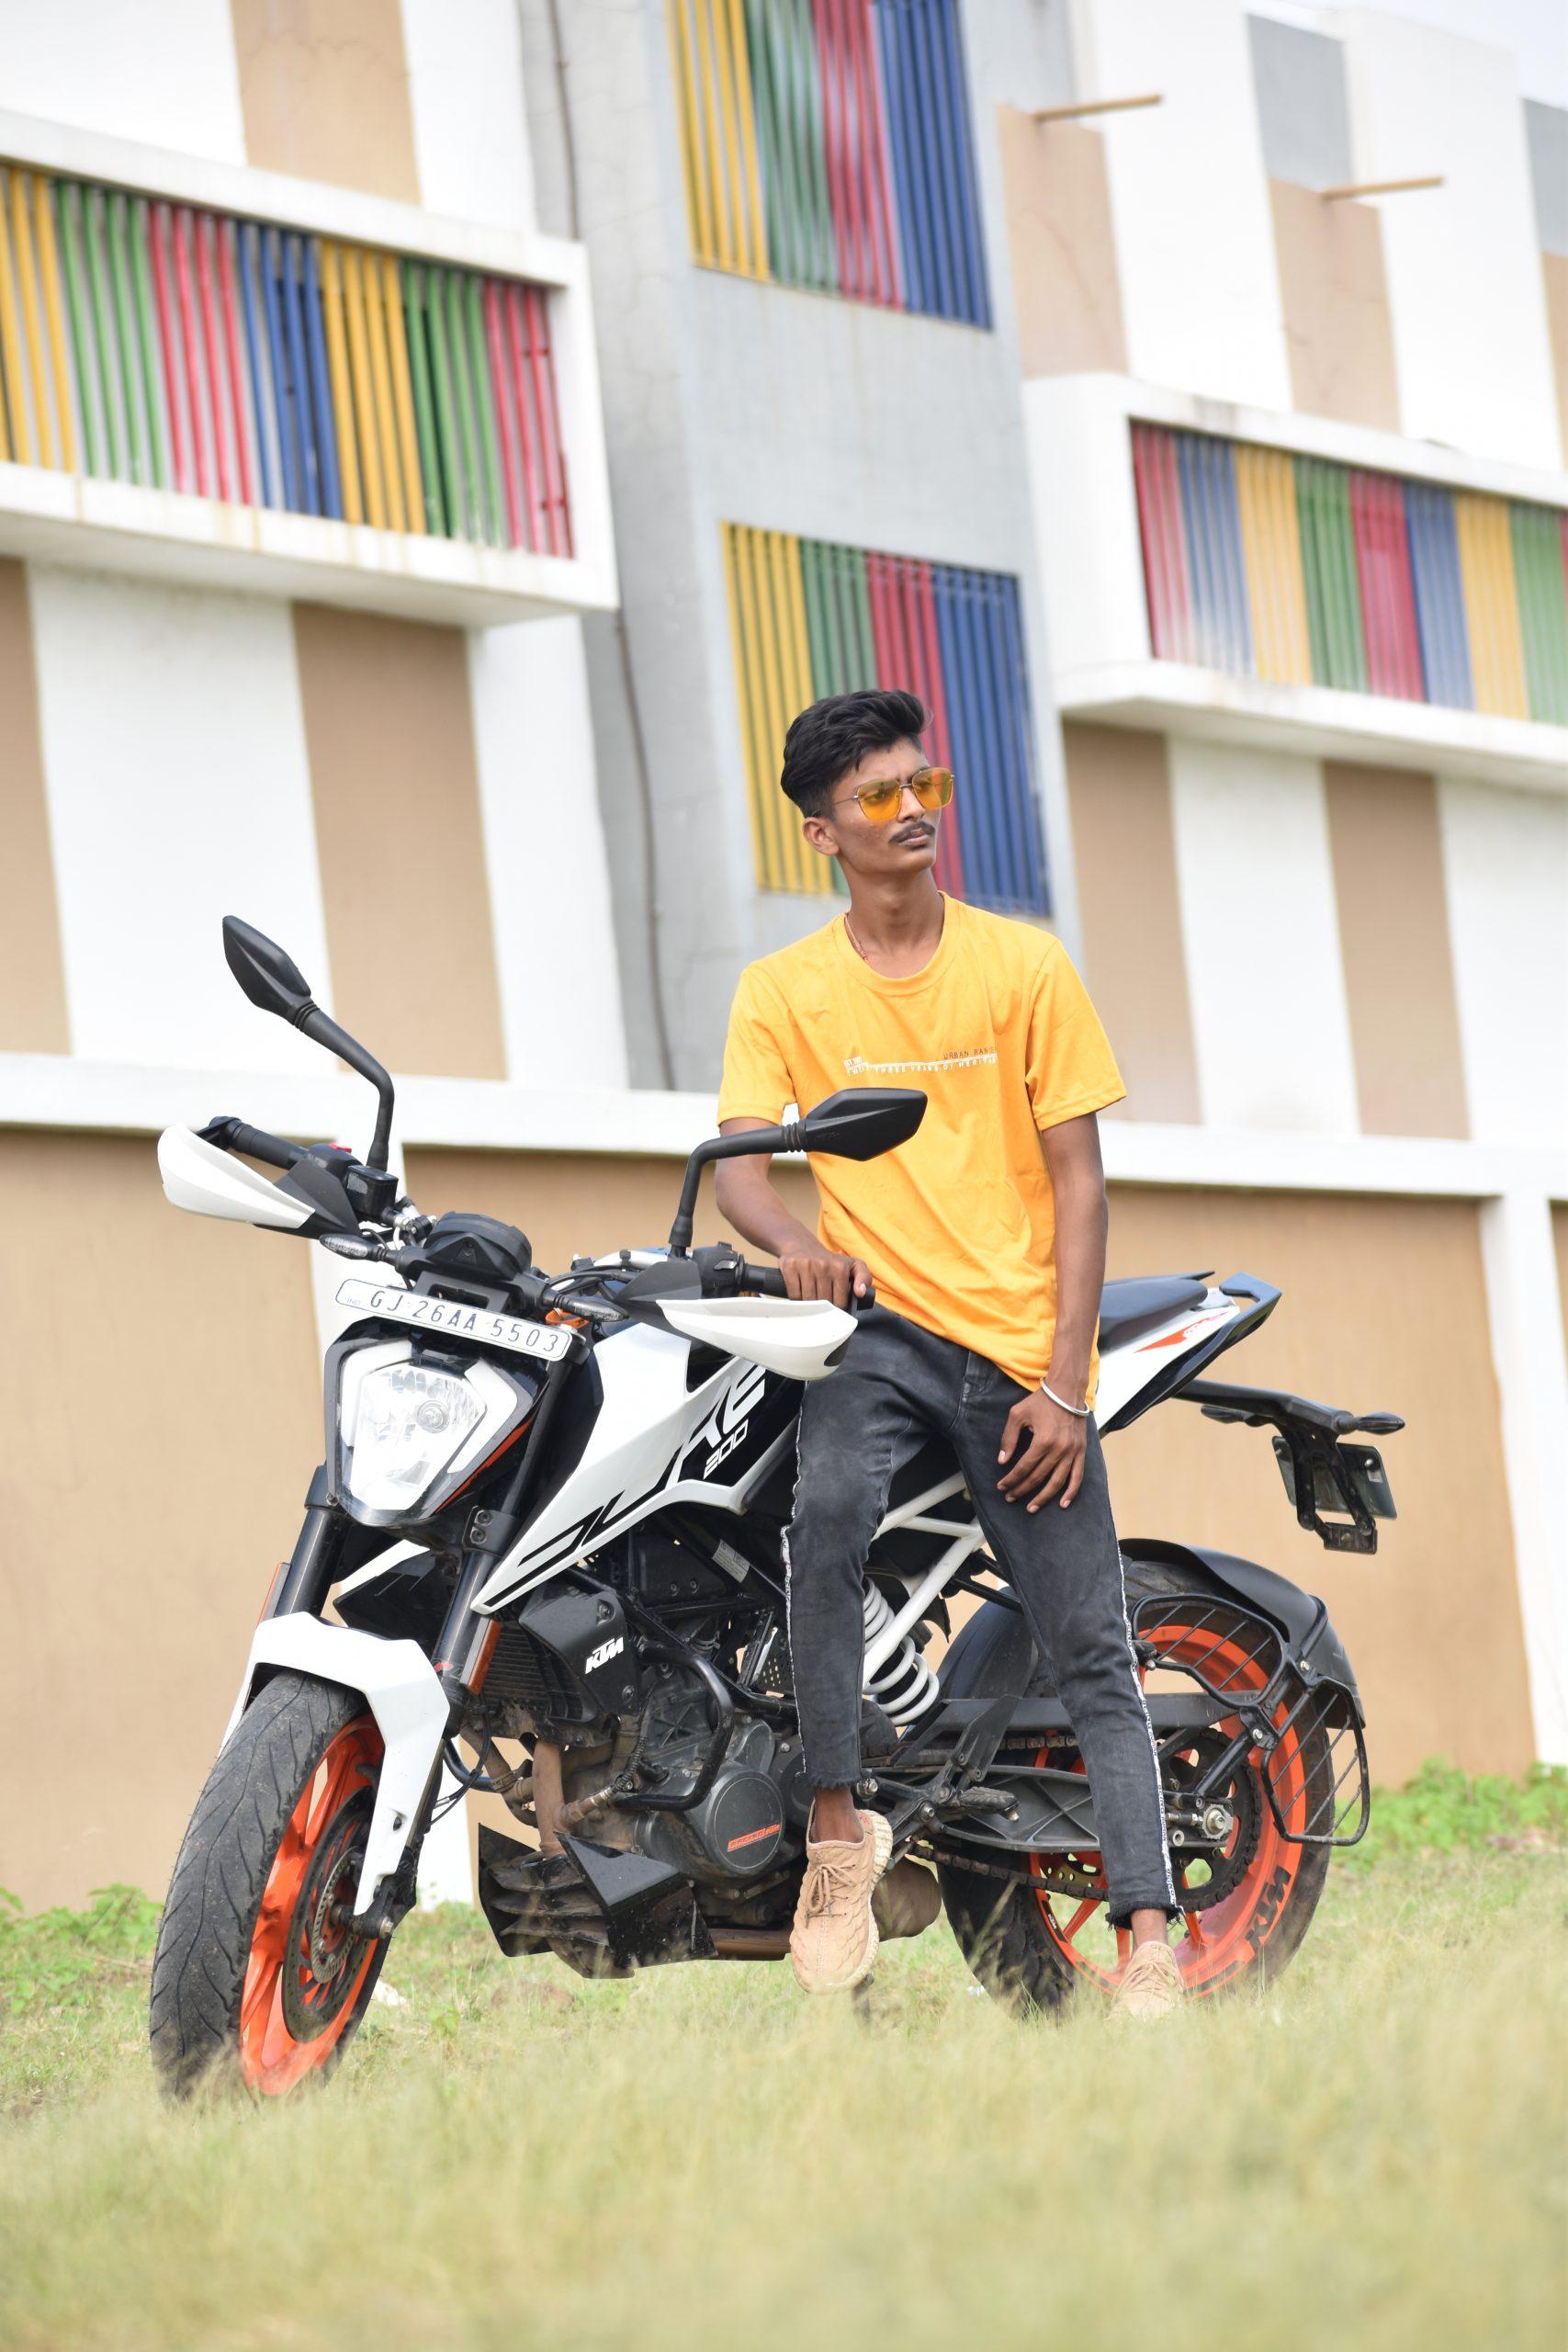 Model posing with Duke bike